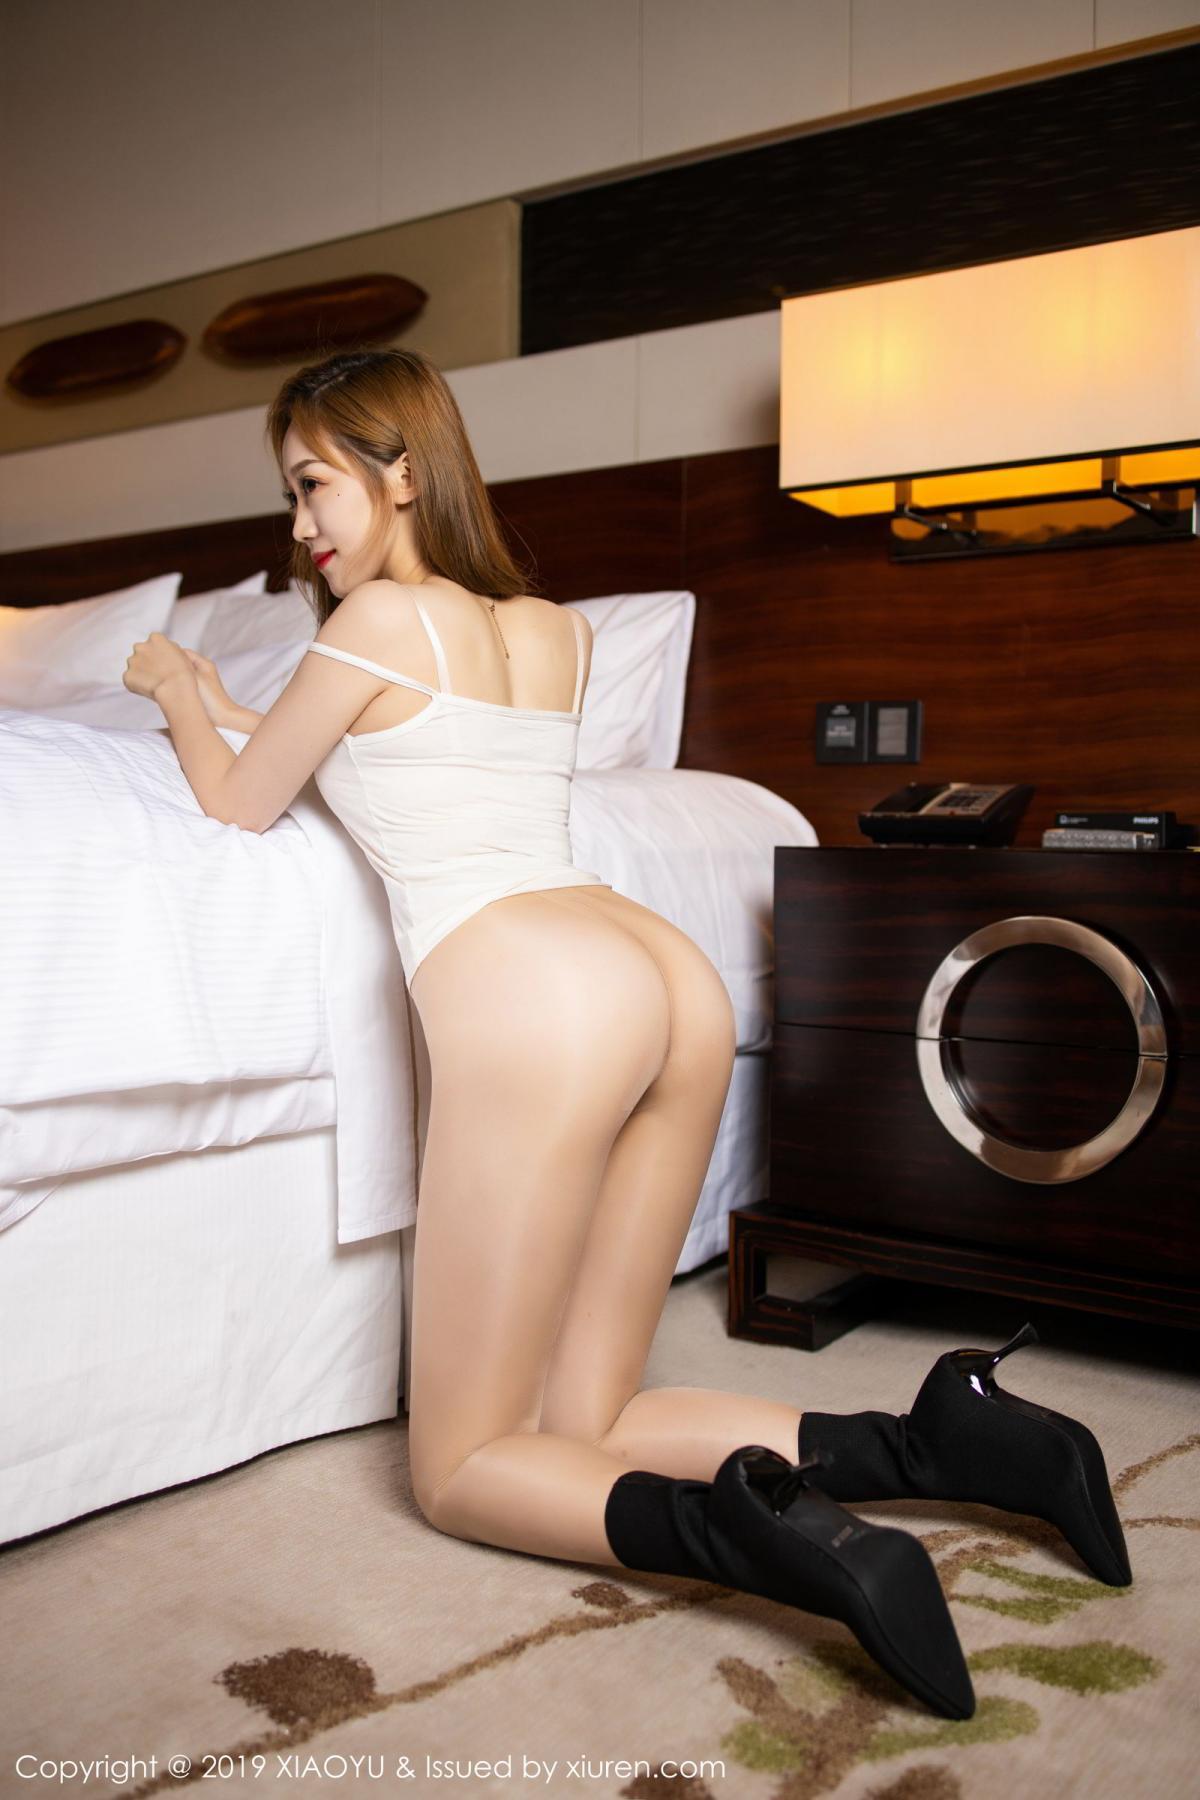 [XiaoYu] Vol.176 Yuner Claire 16P, Underwear, XiaoYu, Yuner Claire